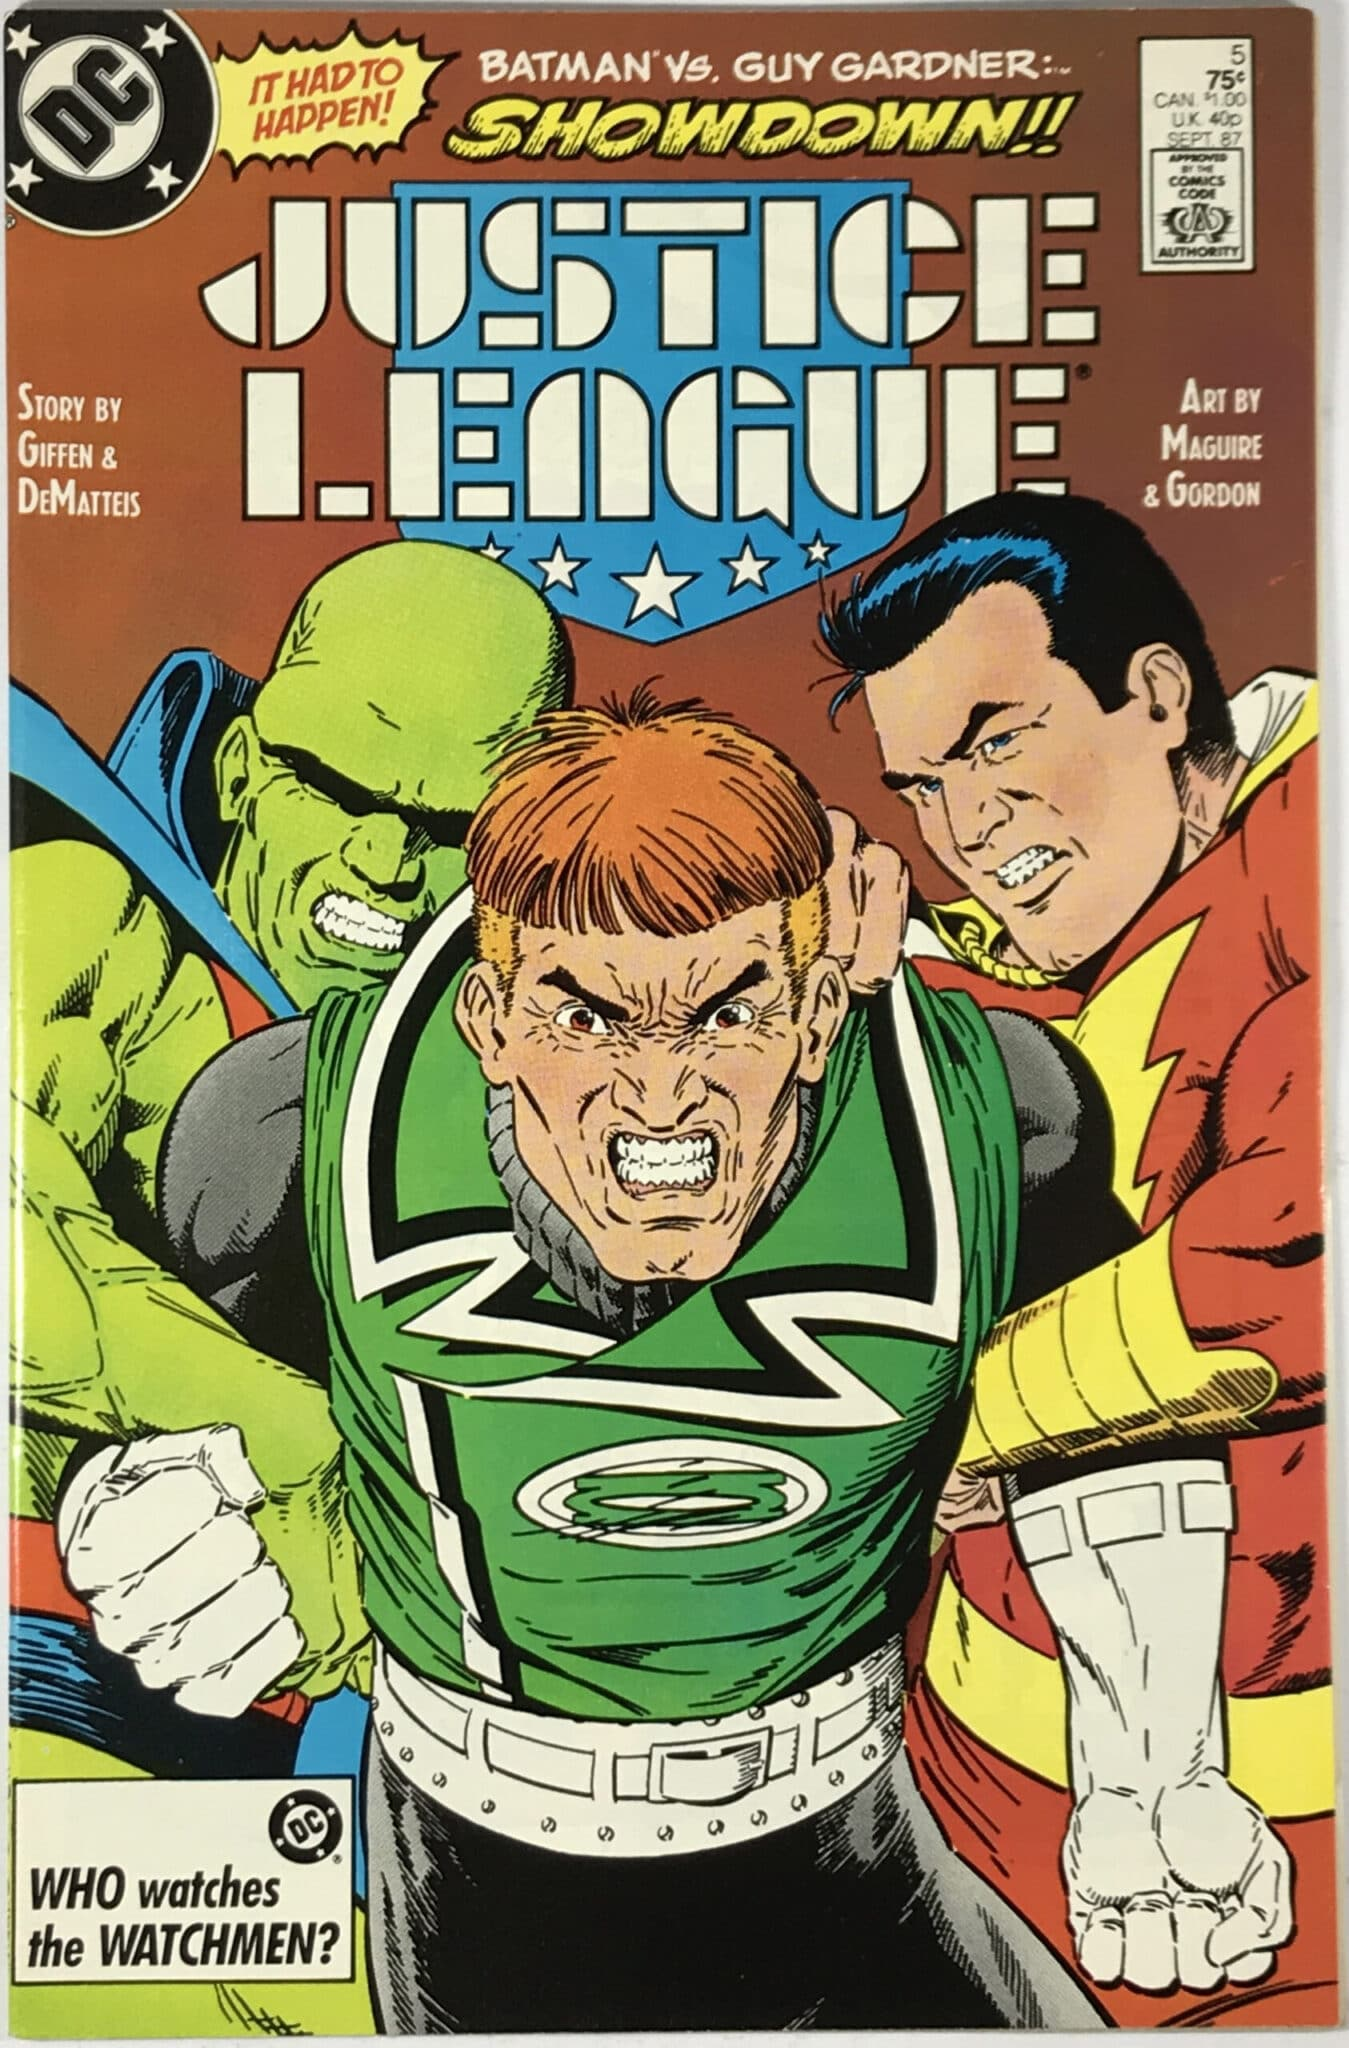 Justice League Vol. 1 (1987) #5 - Very Fine 1